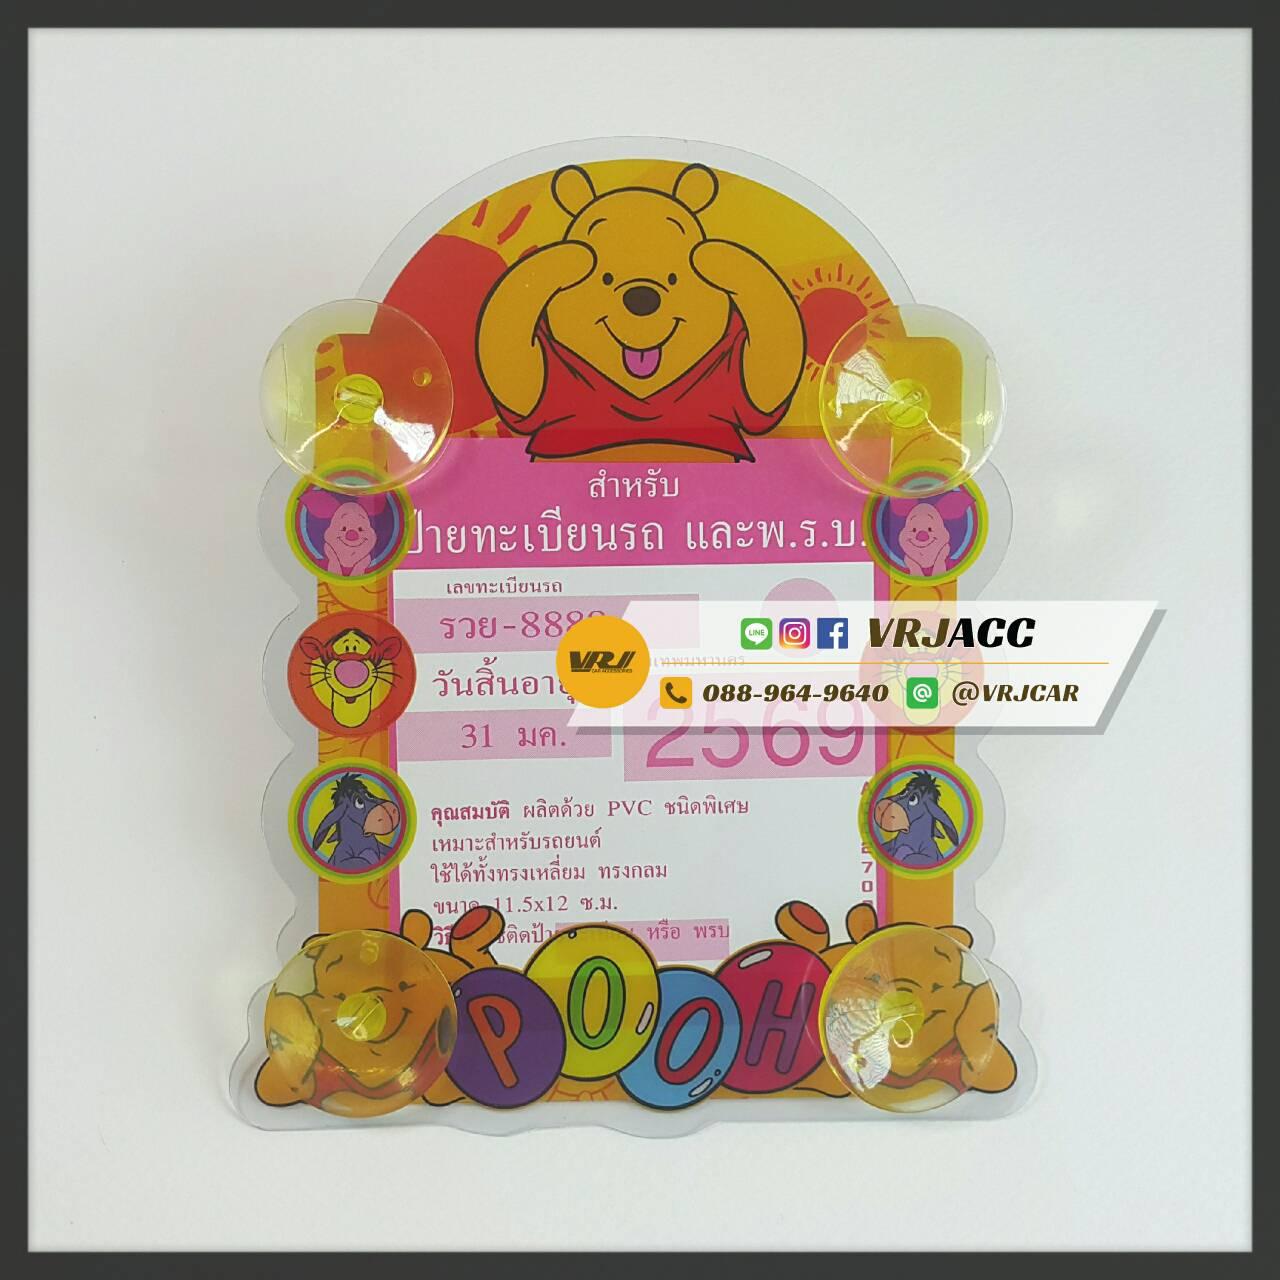 จุ๊บพรบ จุ๊บติดพรบรถยนต์ กรอบป้าย พ.ร.บ หมีพูล Pooh